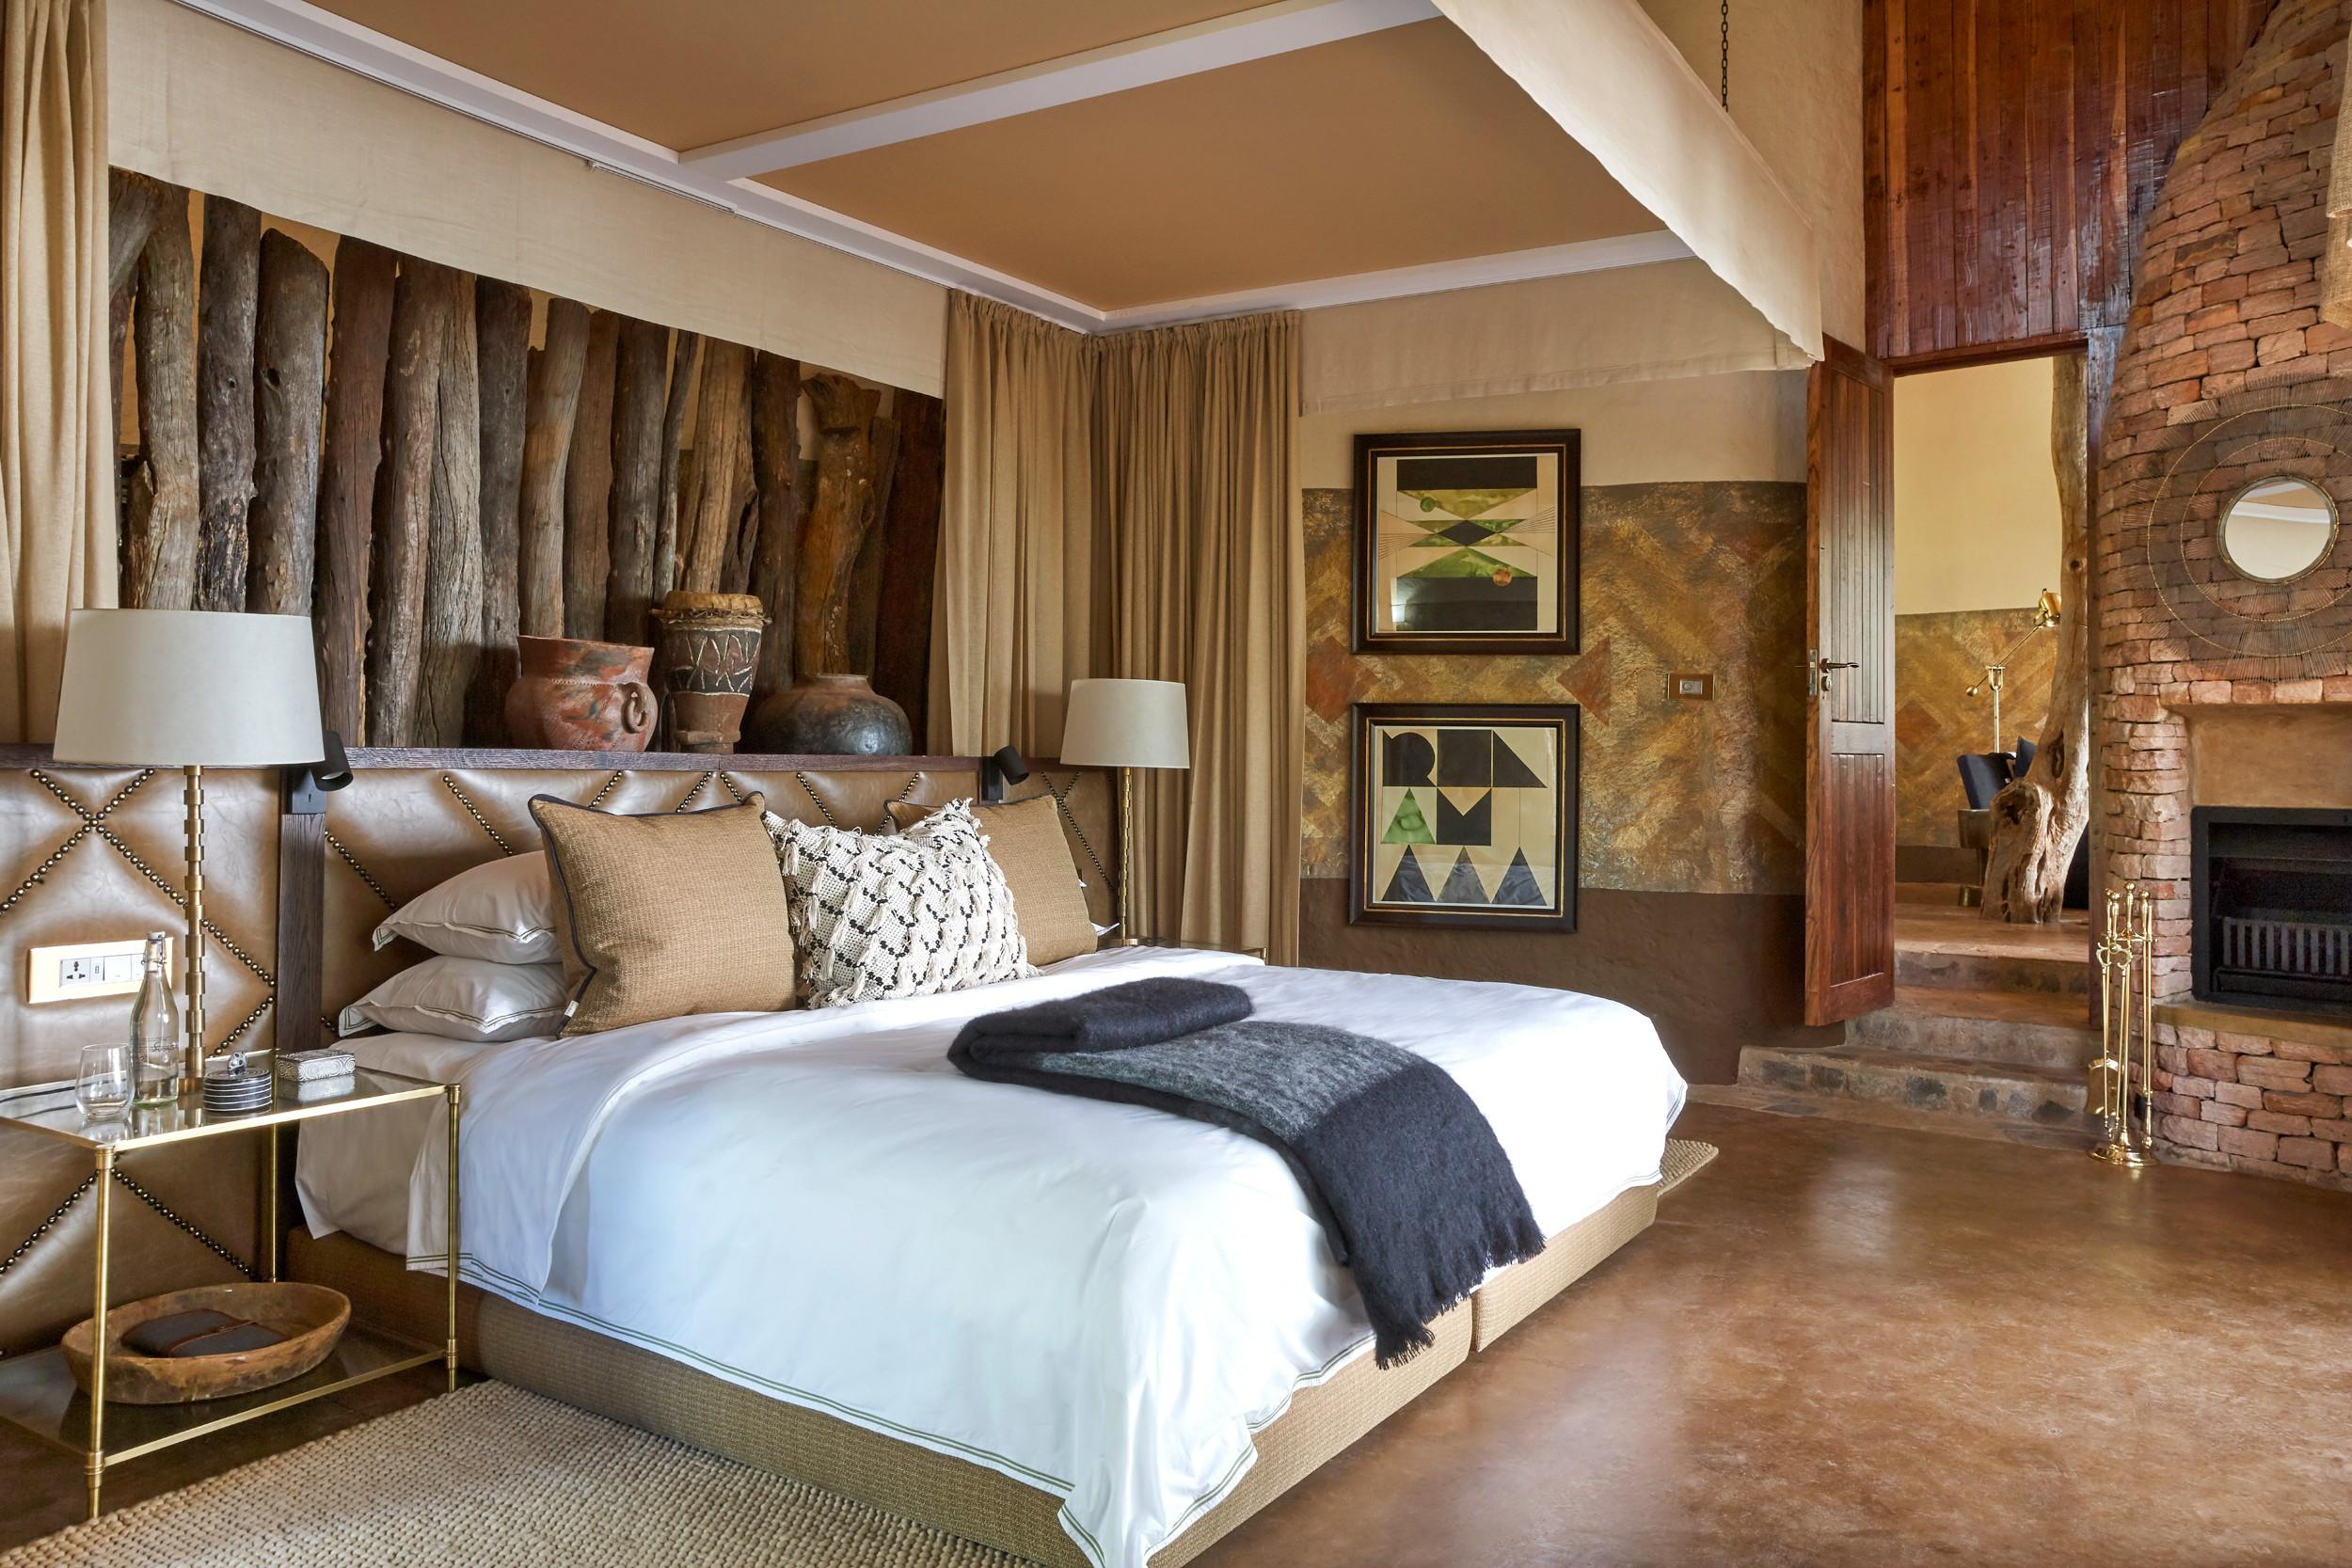 Singita-Pamushana-Lodge-Bedroom-2.jpg